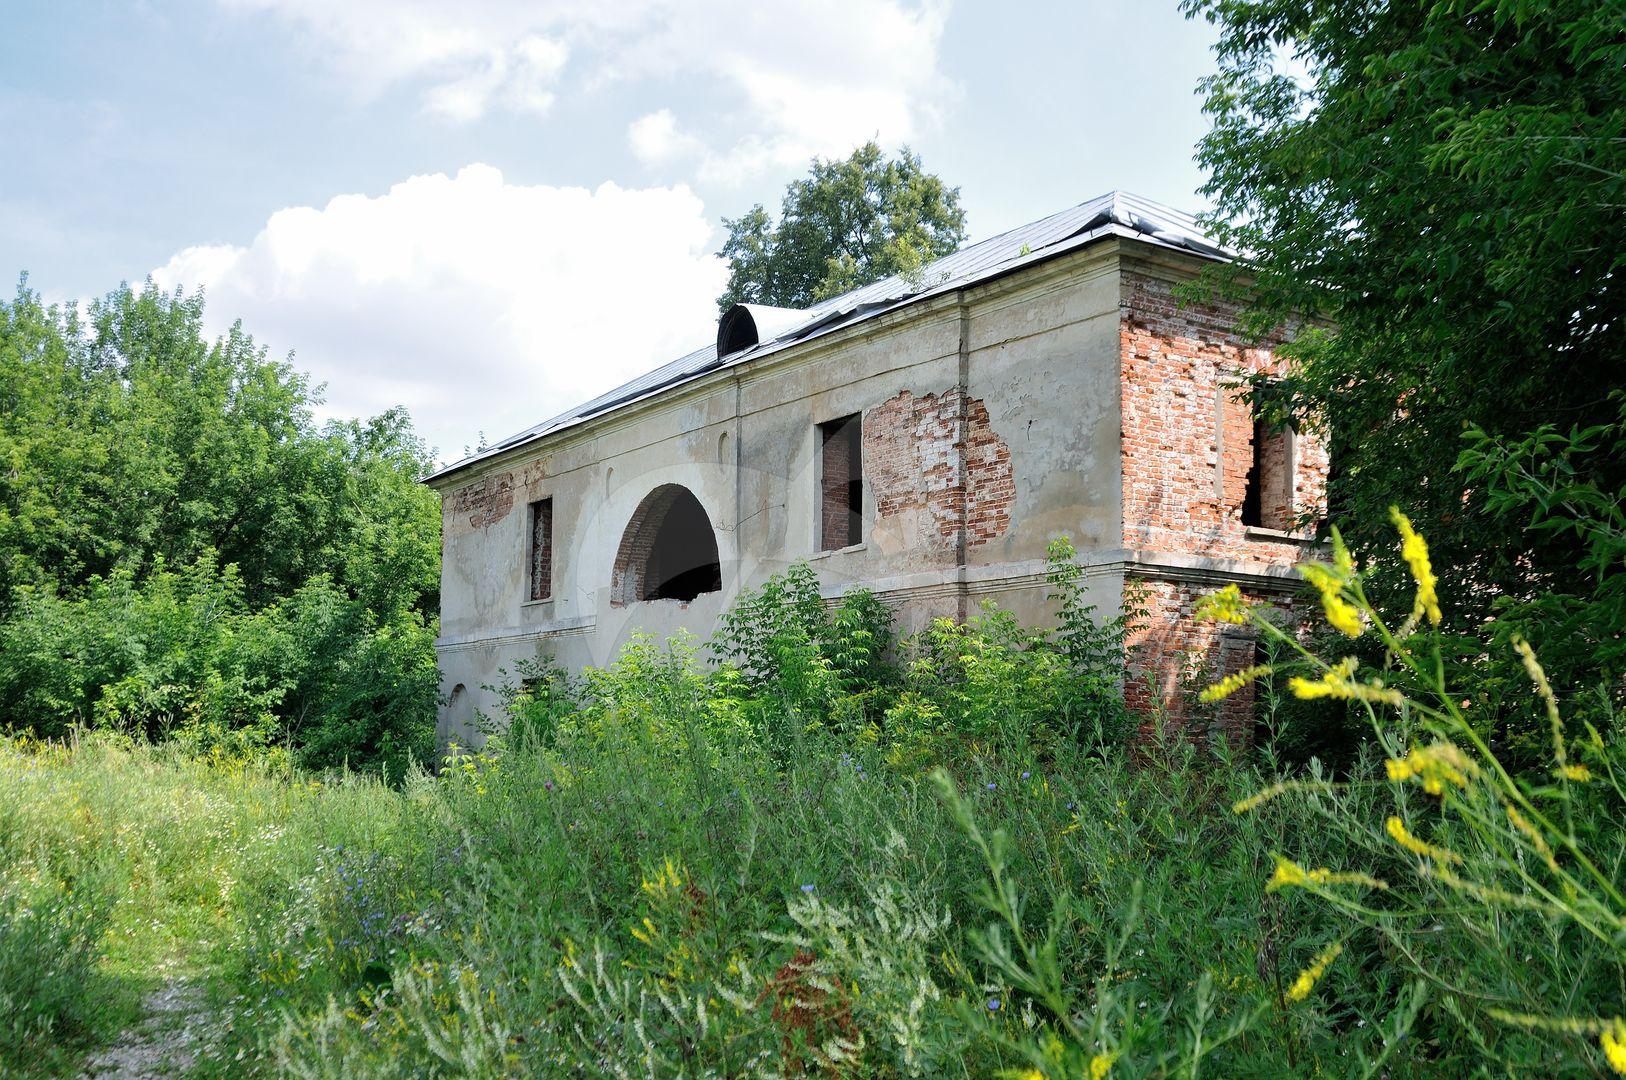 Дом двухэтажный, XIX в., усадьба Ивановское